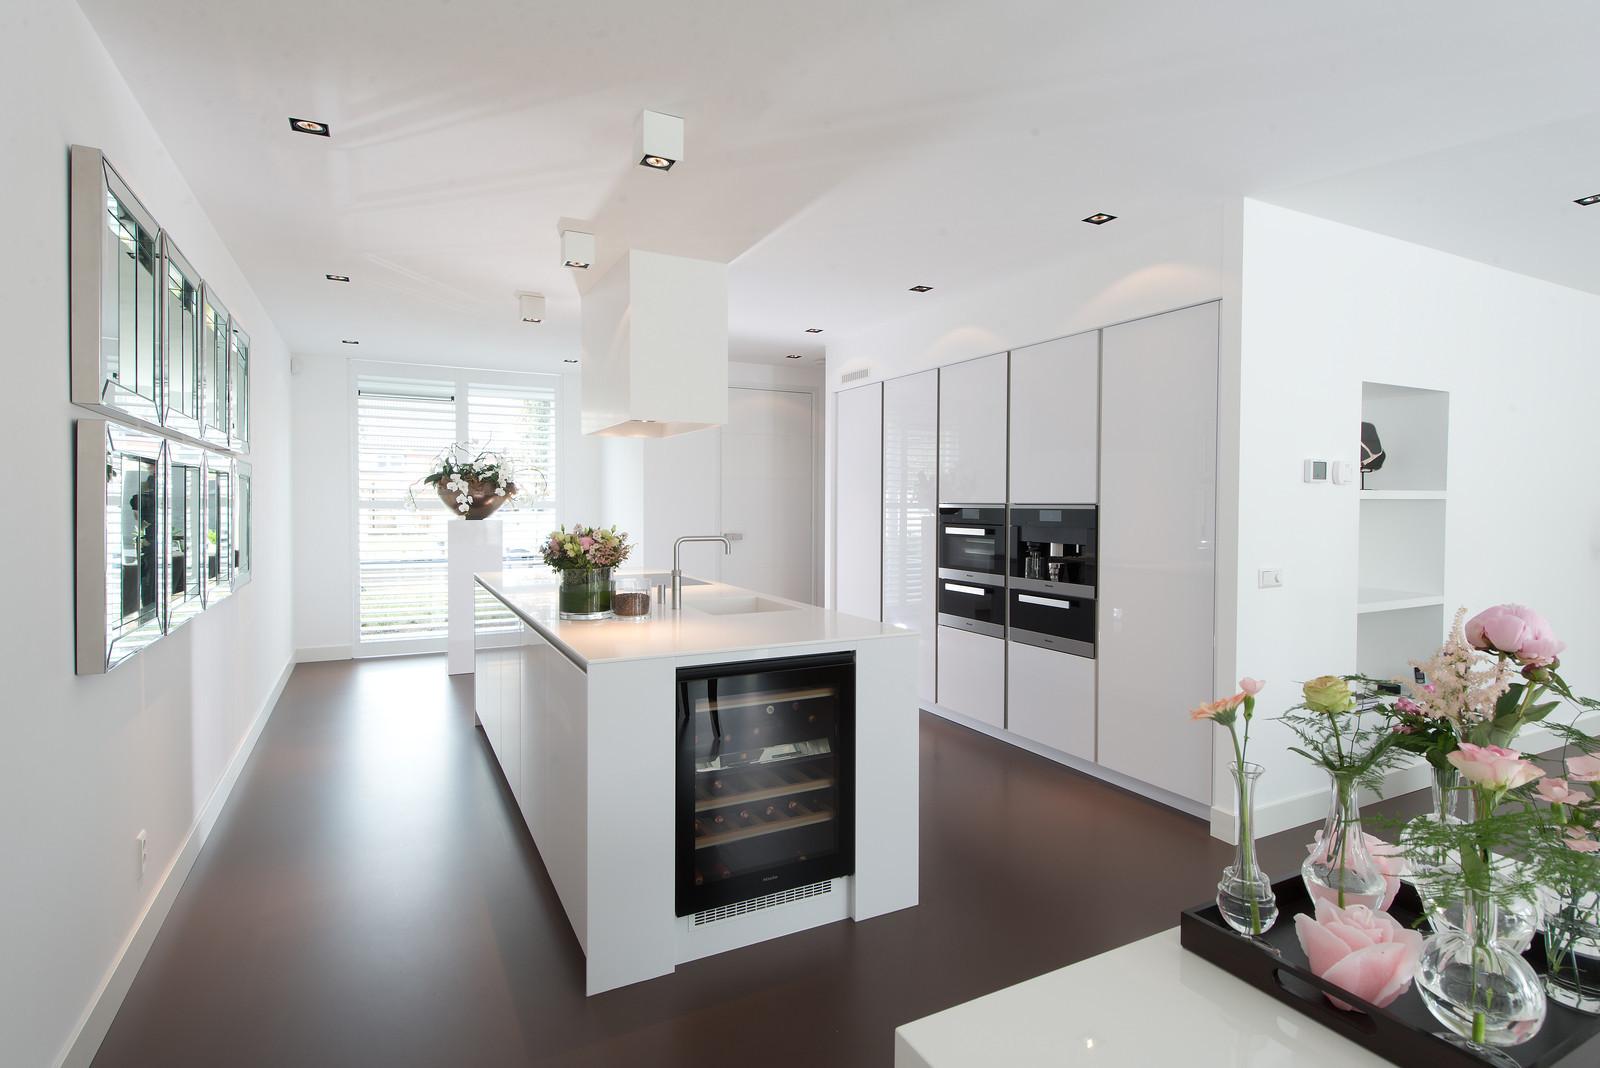 Binnenkijken bij italiaanse design keuken nieuws for Huiskamer design